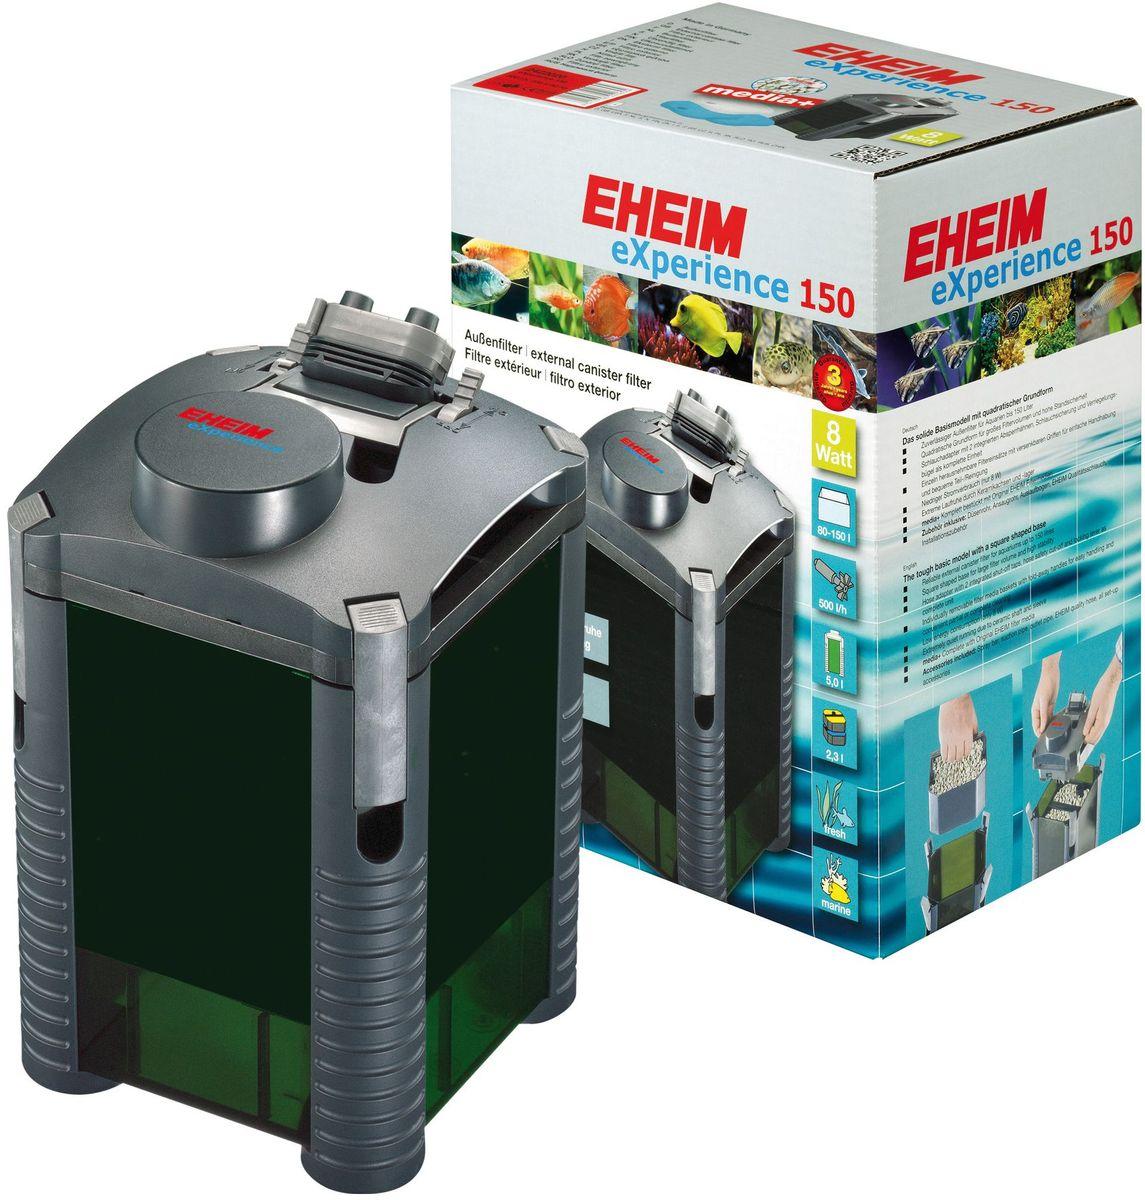 Фильтр внешний Eheim Experience 1502519051Внешний фильтр Eheim Experience 150 - базовая модель квадратной формы. Его форма позволяет устанавливать его на углы, занимая меньше места. Вместо отдельных соединителей для шлангов фильтр имеет полный адаптер для шлангов с 2 встроенными отводами. Адаптер можно легко снять и безопасно заменить рычагом (фиксирующим зажимом). Запорные краны можно регулировать индивидуально, чтобы регулировать поток воды. Канистра фильтра оснащена практичными фильтровальными корзинами. Они имеют складные ручки и могут быть легко удалены для удобства управления и удобной полной / частичной очистки. Компоненты из высококачественной керамики (оси и рукава рабочего колеса), обеспечивает очень тихую работу, высокую упругость и чрезвычайно длительный срок службы.При мощности 8 Вт с мощностью насоса 700 л/ч работает очень эффективно и имеет низкое потребление энергии.Для аквариумов: 80-150 л.Мощность насоса (50 Гц): 500 л/ч.Насосная головка (H max при 50 Гц): 1,3 м.Мощность (50 Гц): 8 ватт.Объем фильтра: 2,3 л.Объем контейнера: 5 л.Высота: 178 мм.Диаметр фильтра: 290 мм.Высота установки: 178 см.Напряжение: 230 вольт.Диаметр шланга всасывания (внутри): 12 / 16 мм.Диаметр напорного шланга (внутри): 12 / 16 мм.